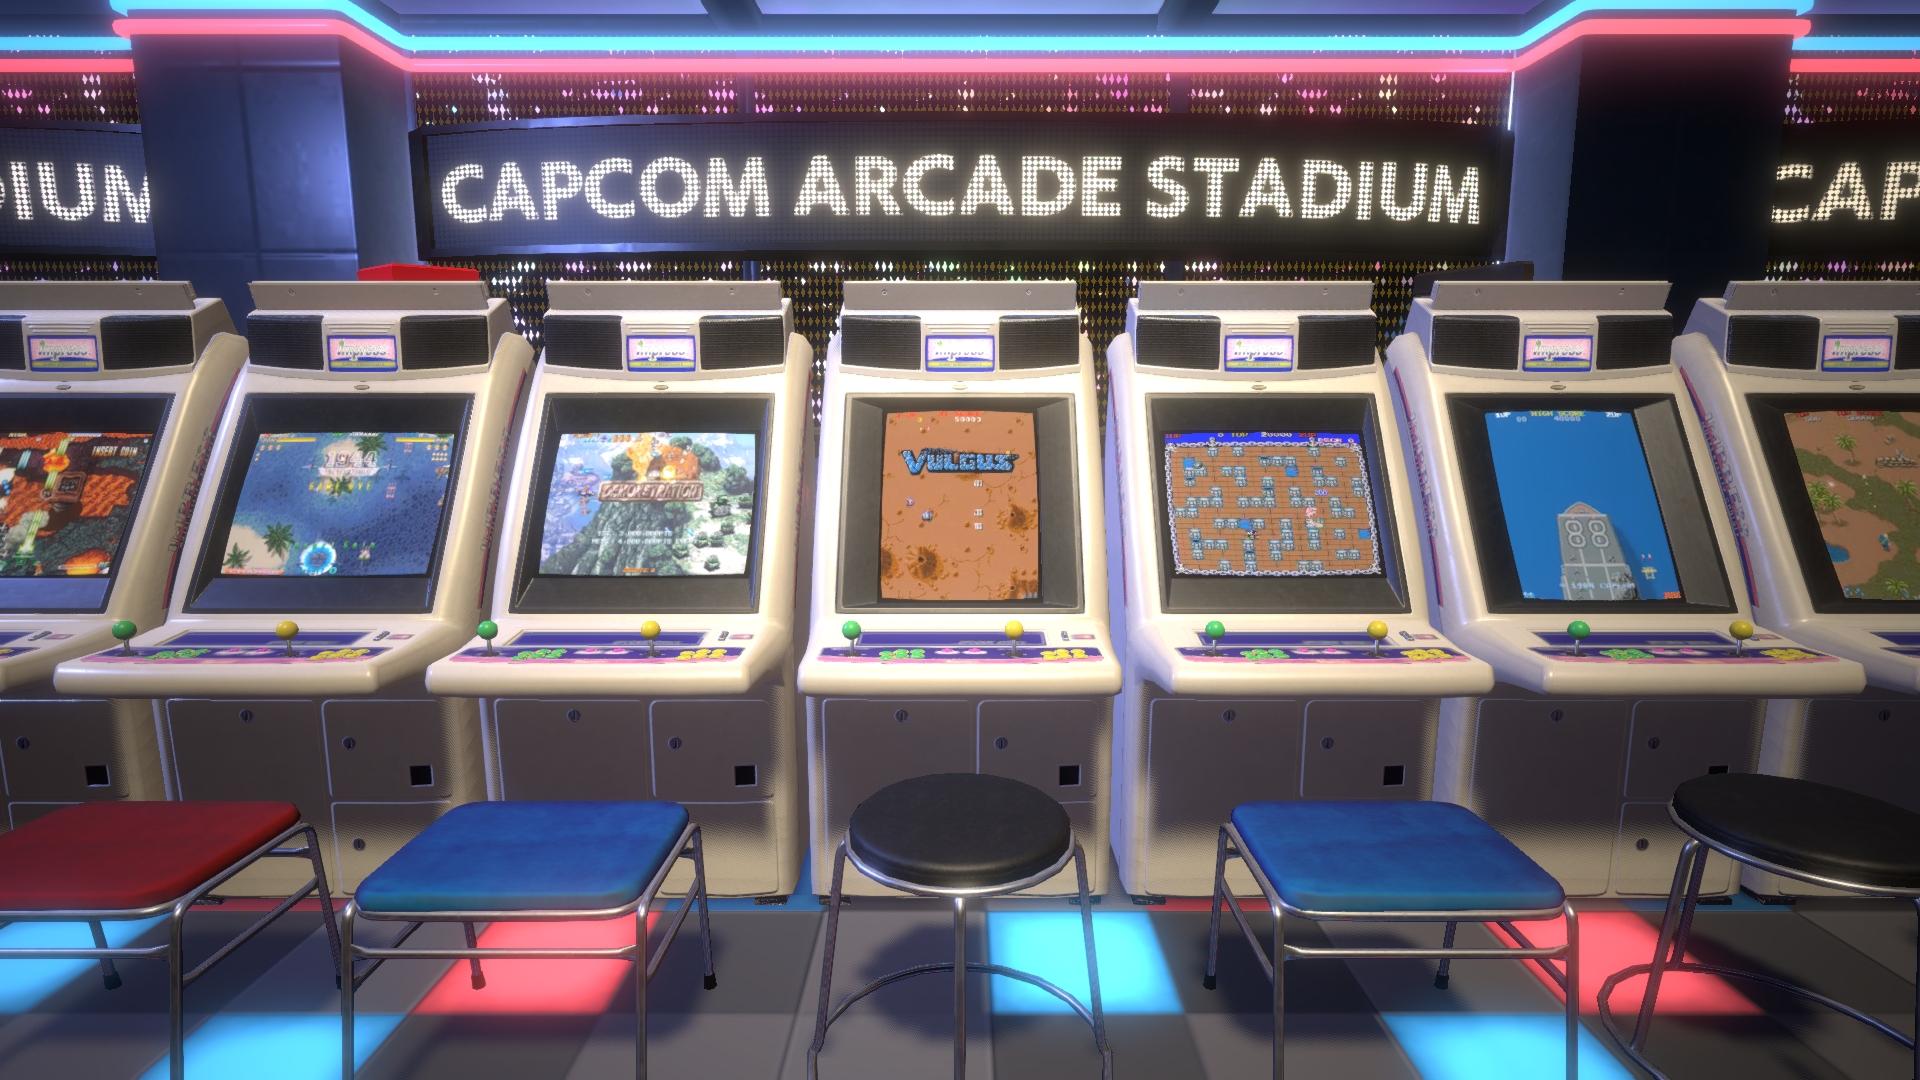 Capcom-Arcade-Stadium_2021_02-17-21_003